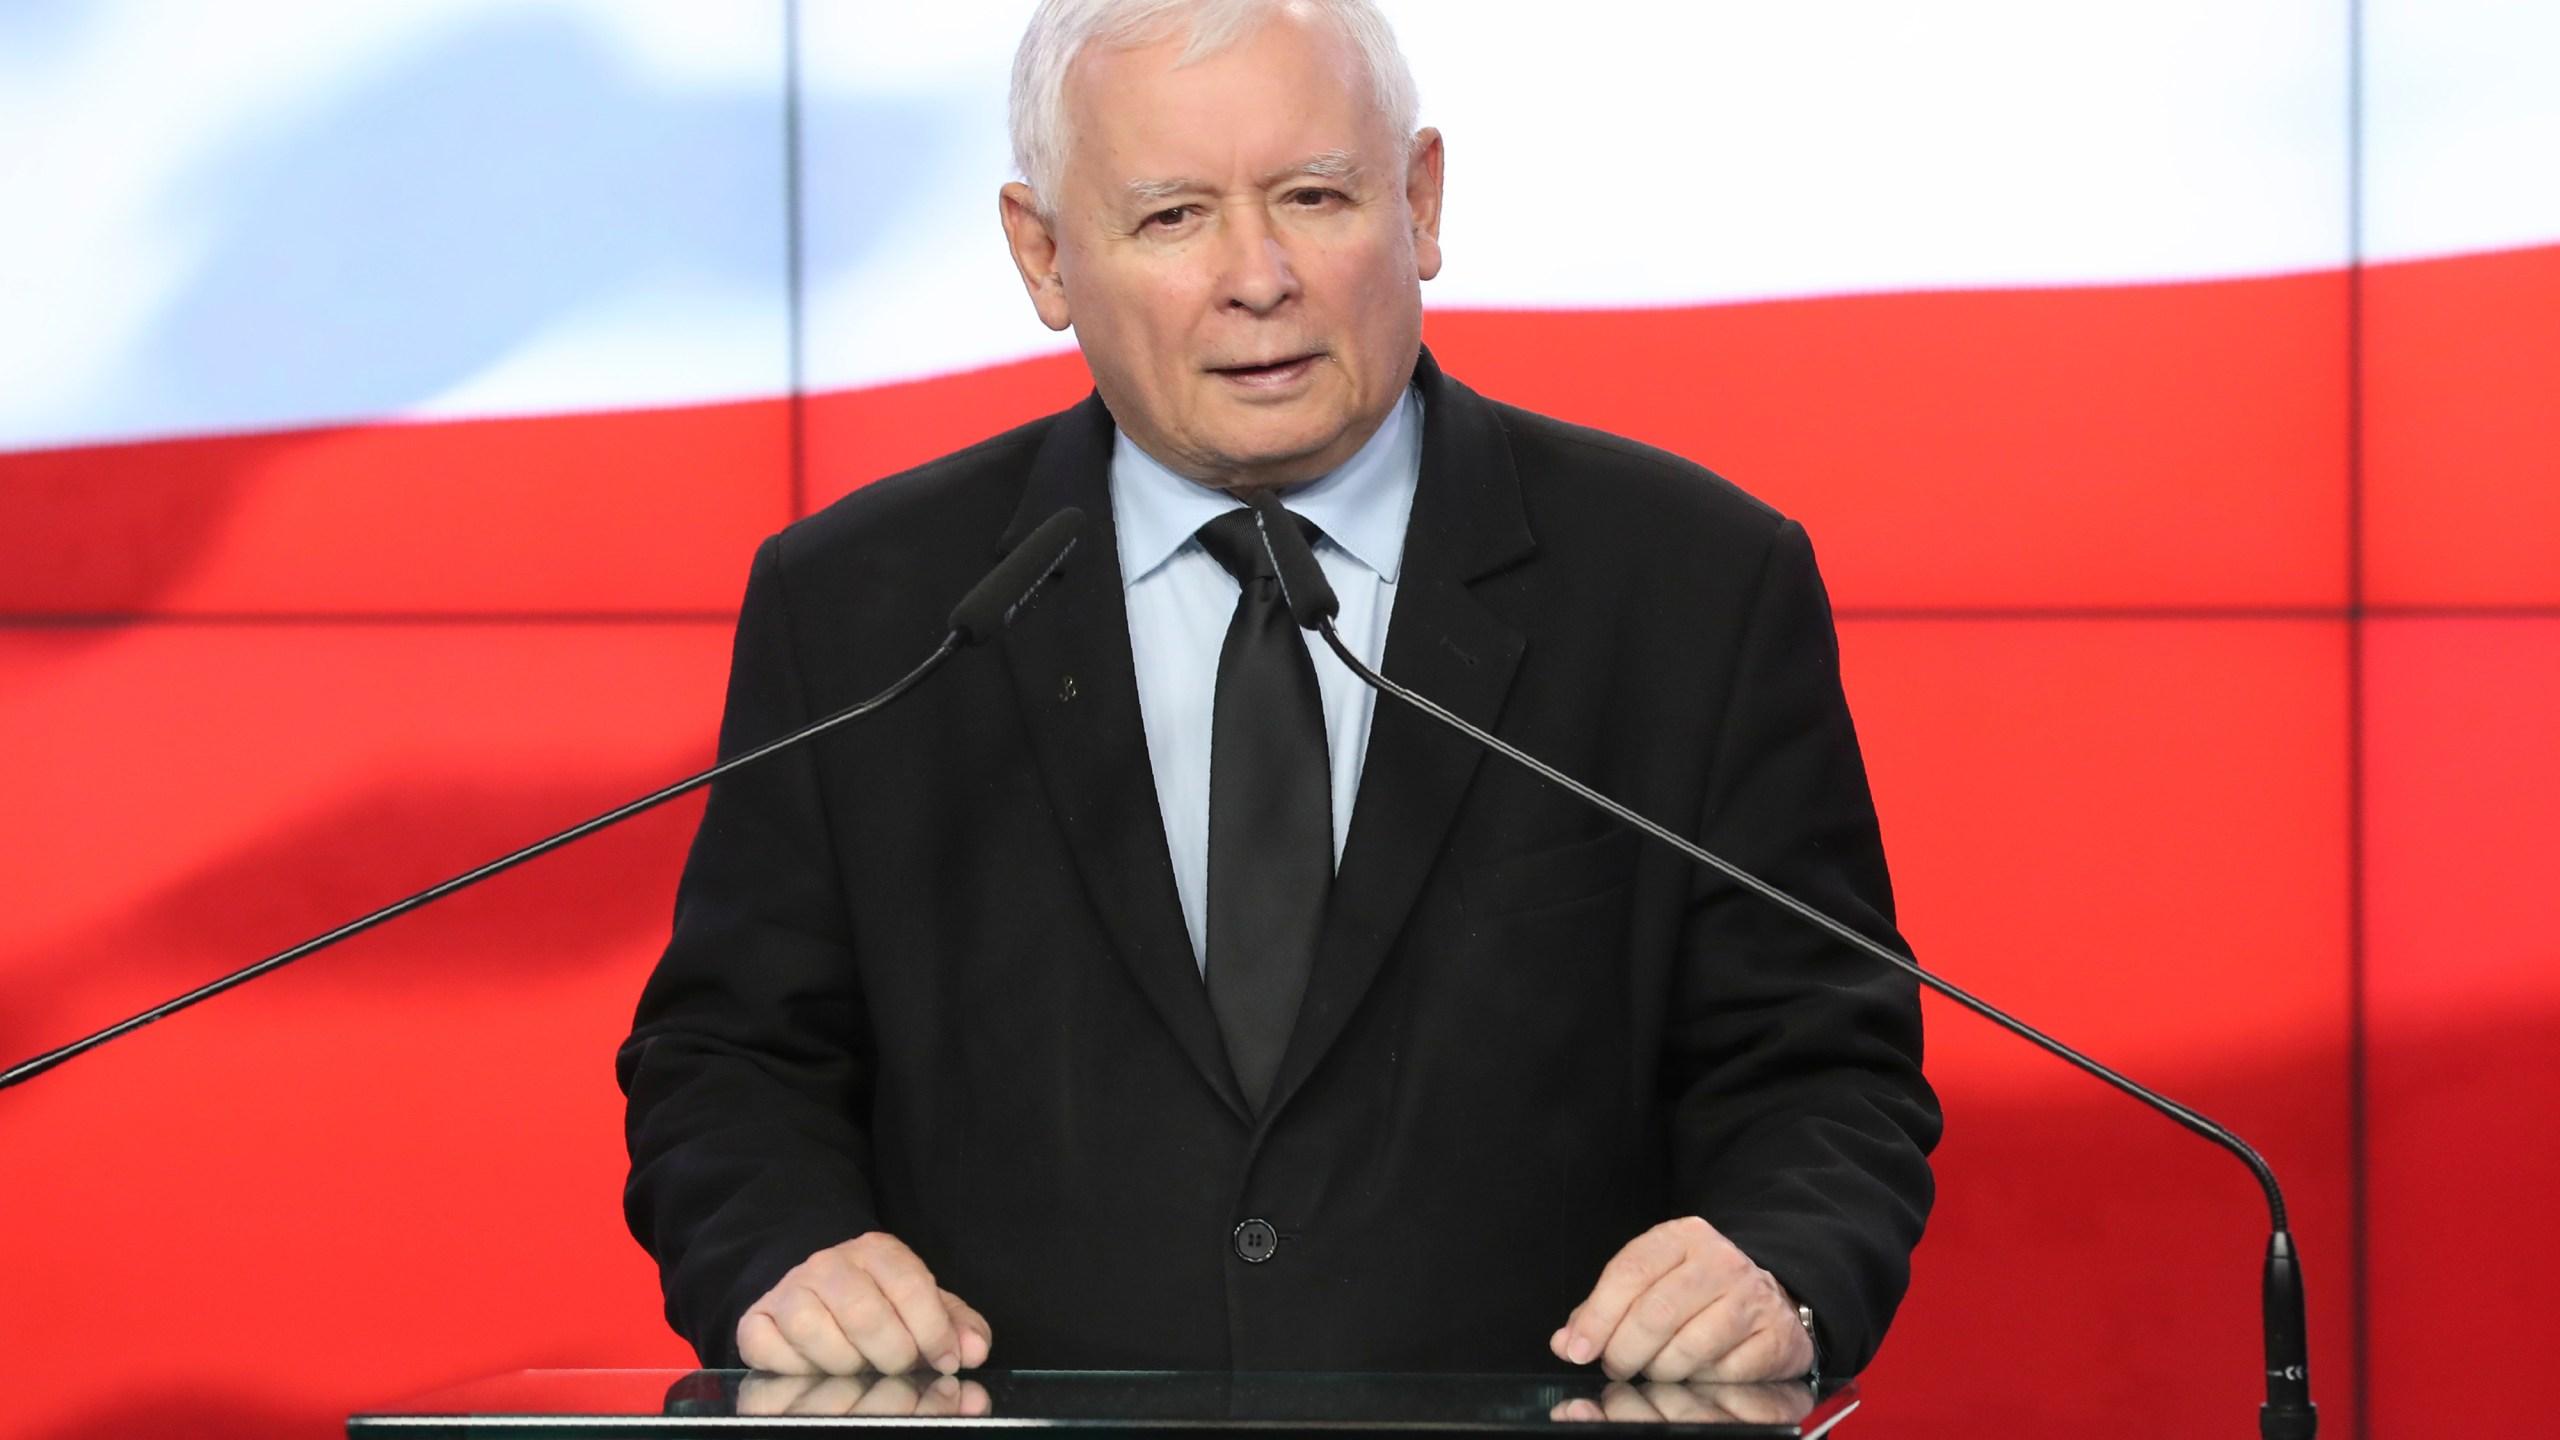 Jaroslaw Kaczynsk